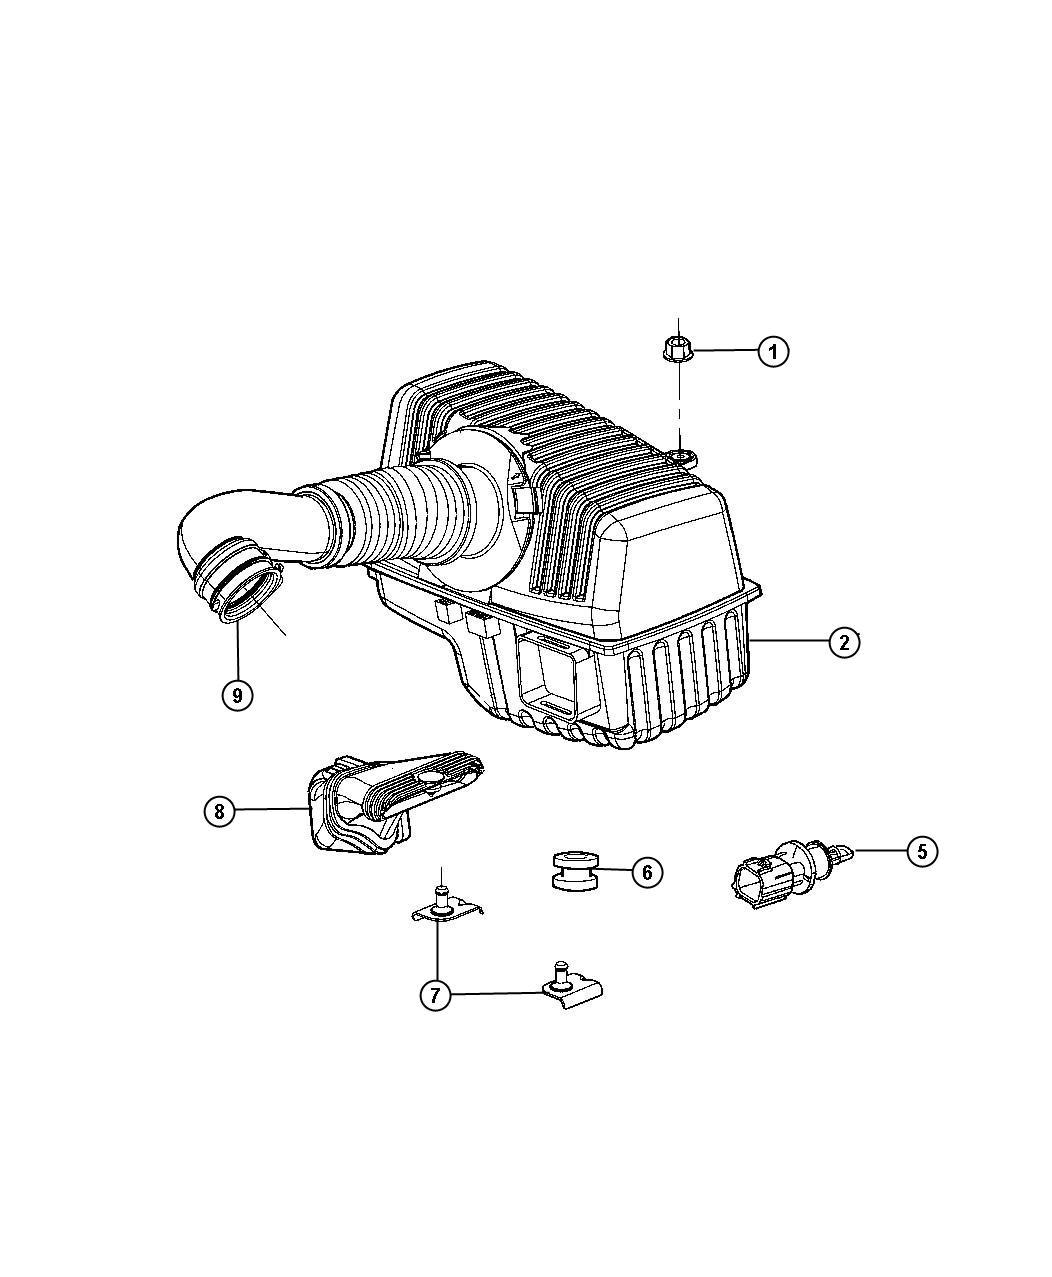 Dodge Stratus Filter Crankcase Vent Located In Body